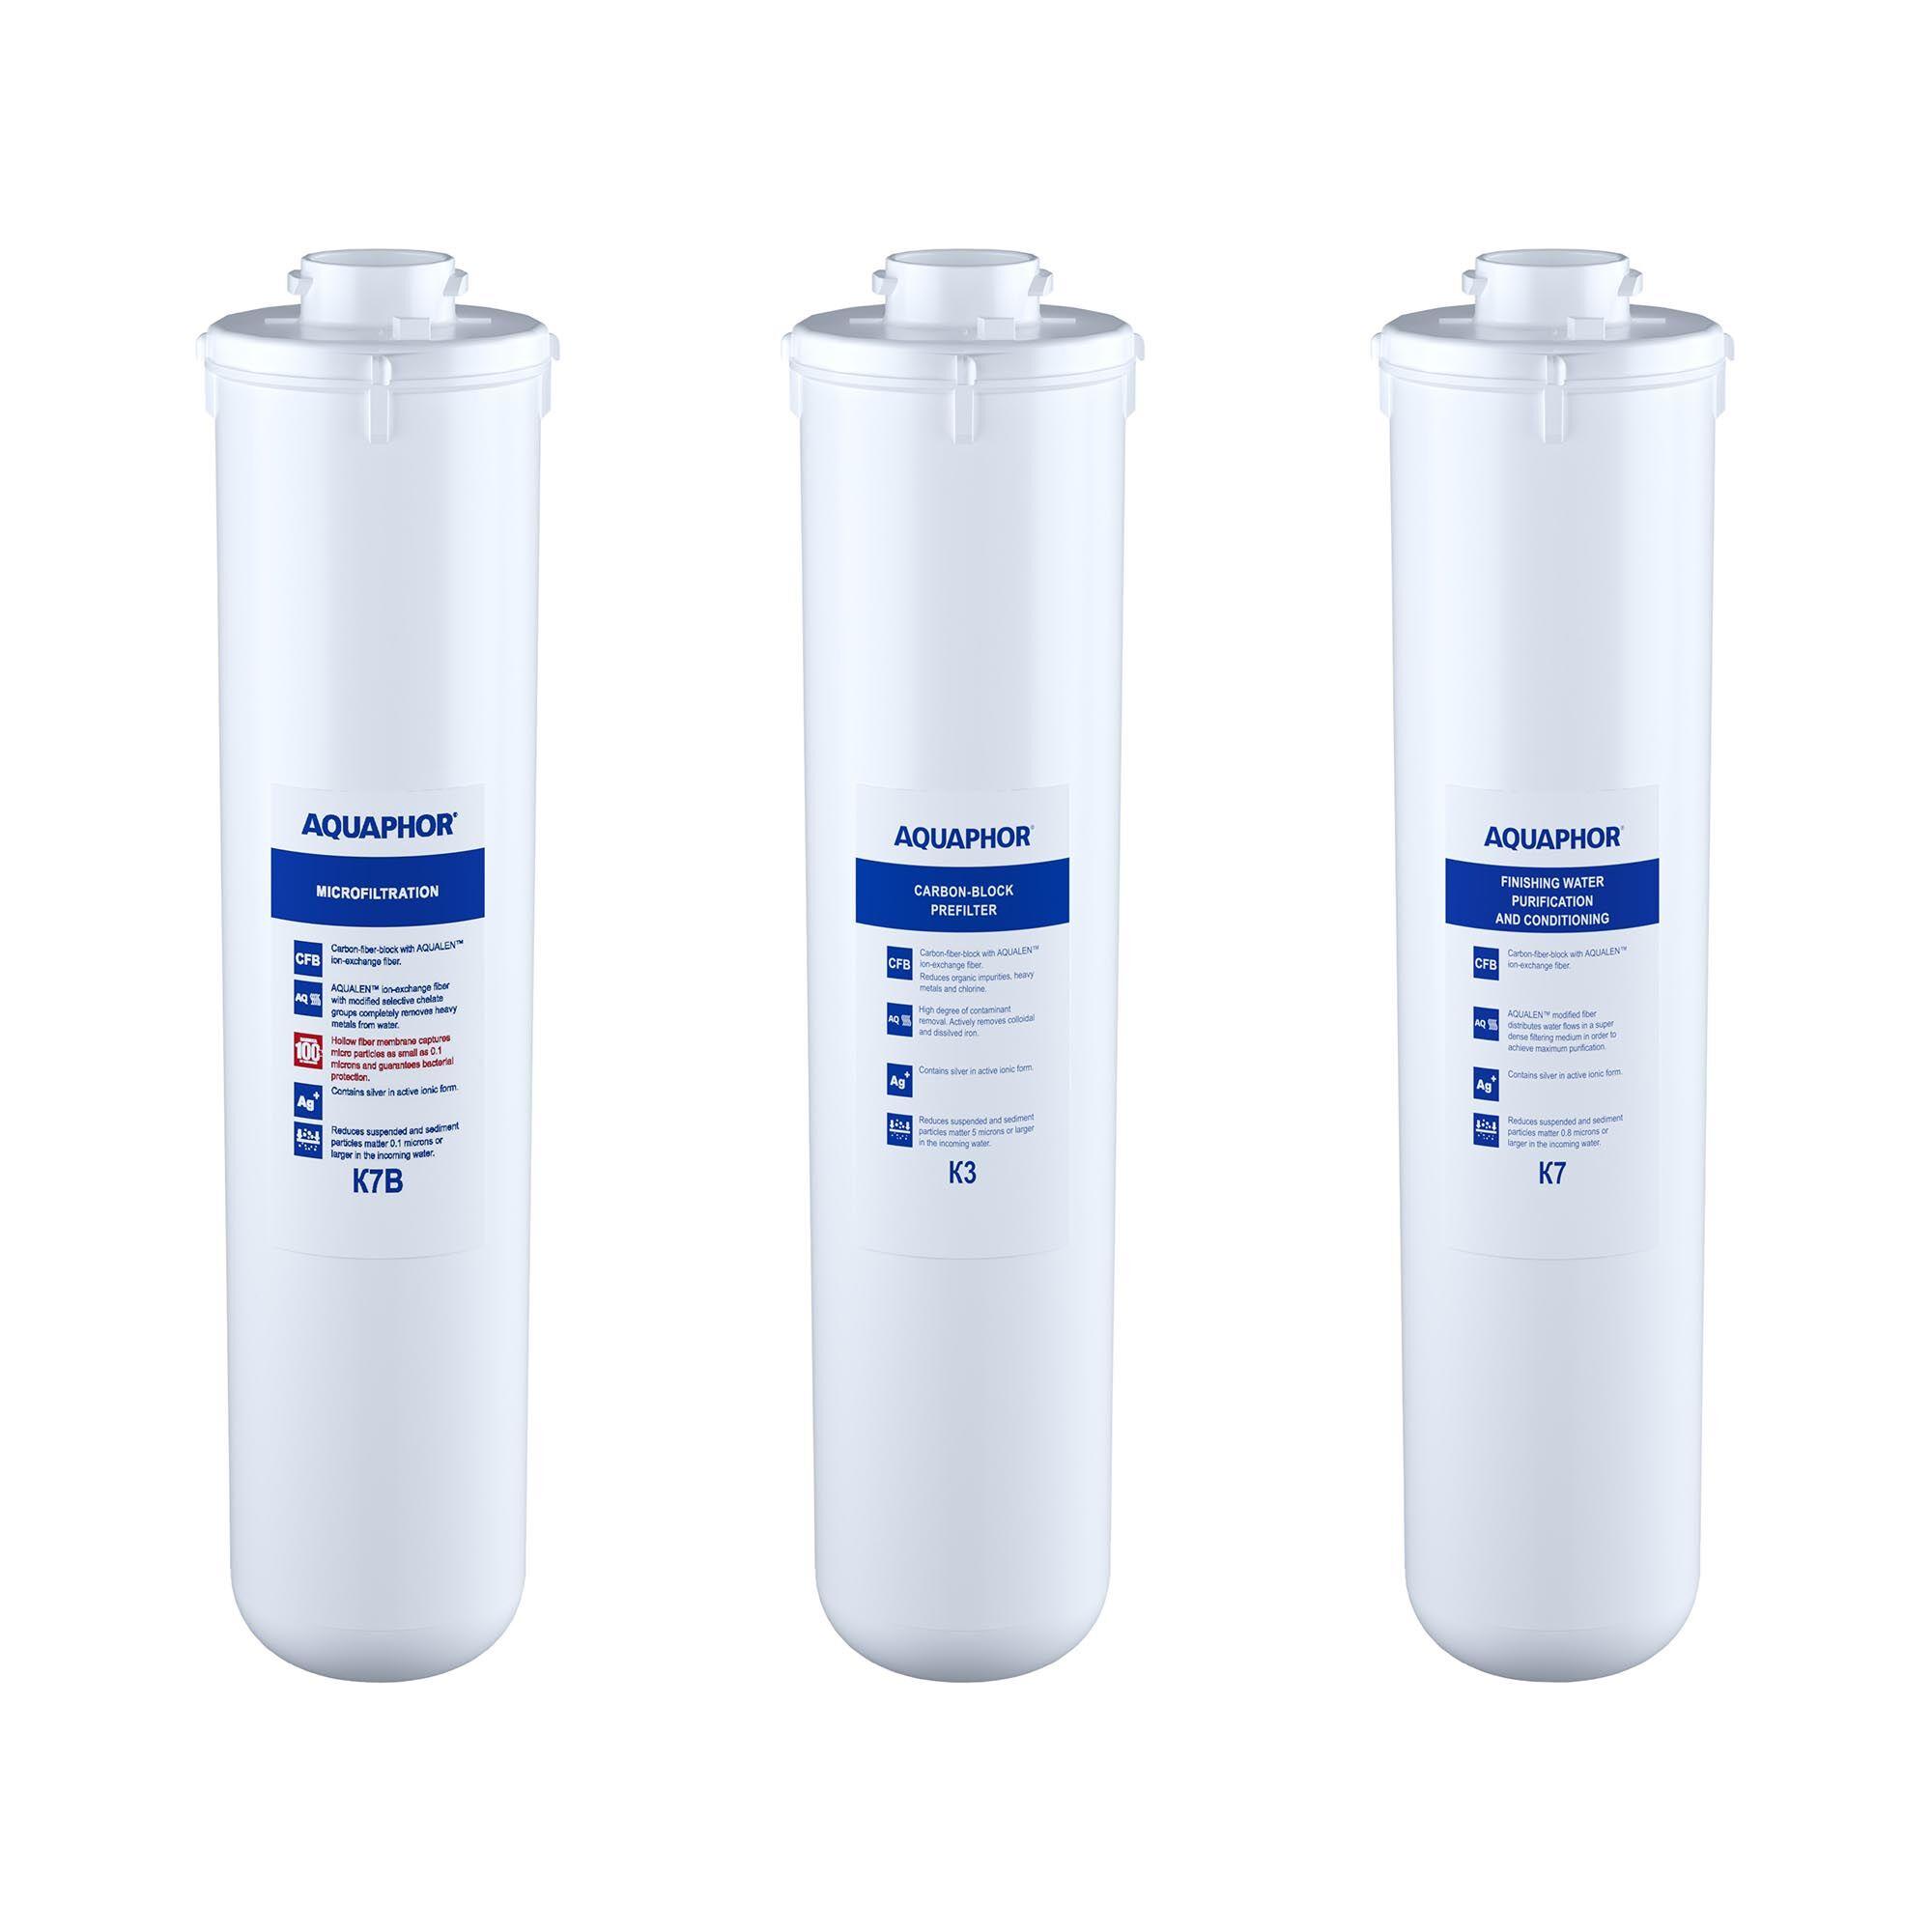 Aquaphor Filtre à charbon actif eau Aquaphor - Kit de filtres de rechange pour CRYSTAL B ECO et FOUNTAIN WATER DISTRIBUTOR CRISTAL B ECO FILTERS